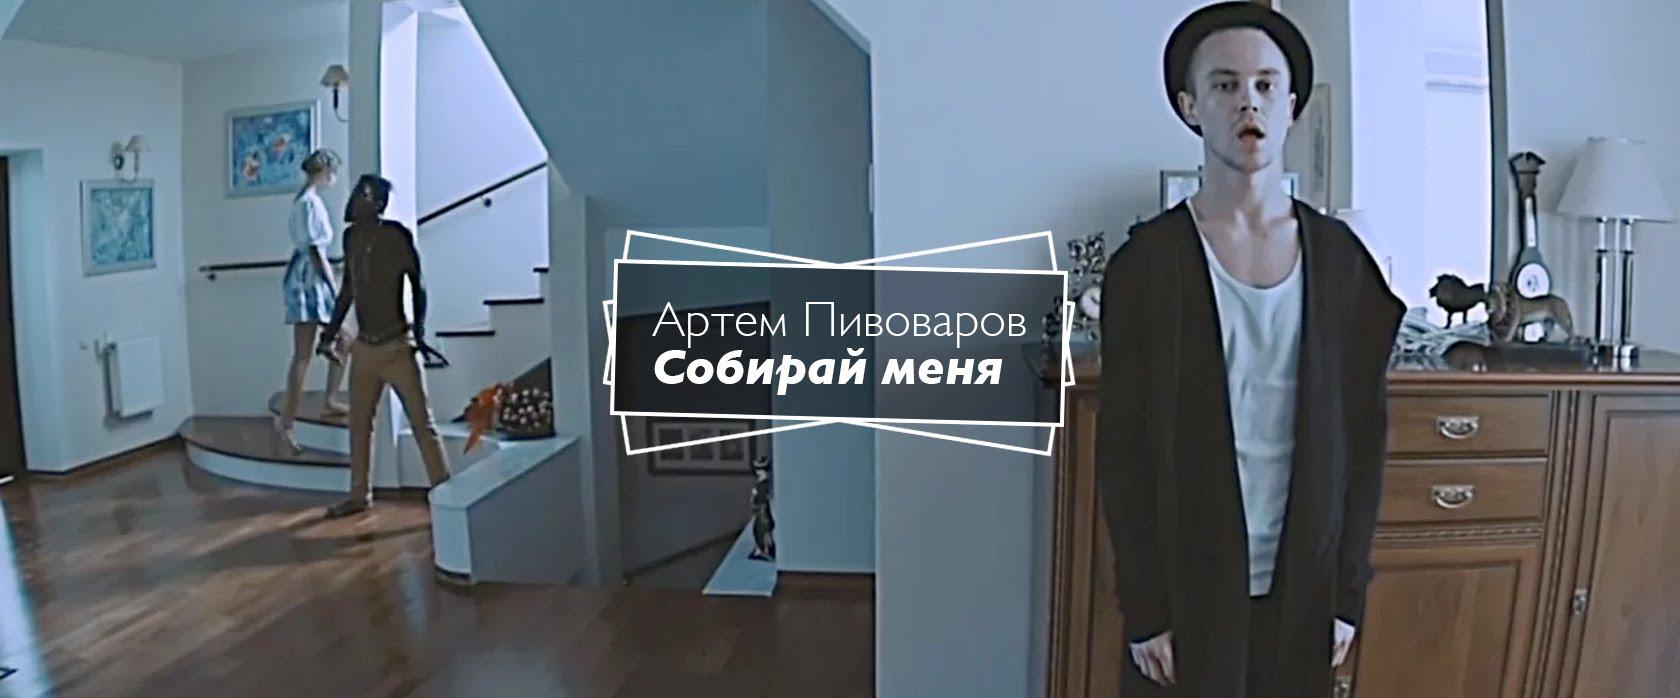 soberi_menya Артем Пивоваров - Собирай Меня — UA MUSIC | Енциклопедія української музики